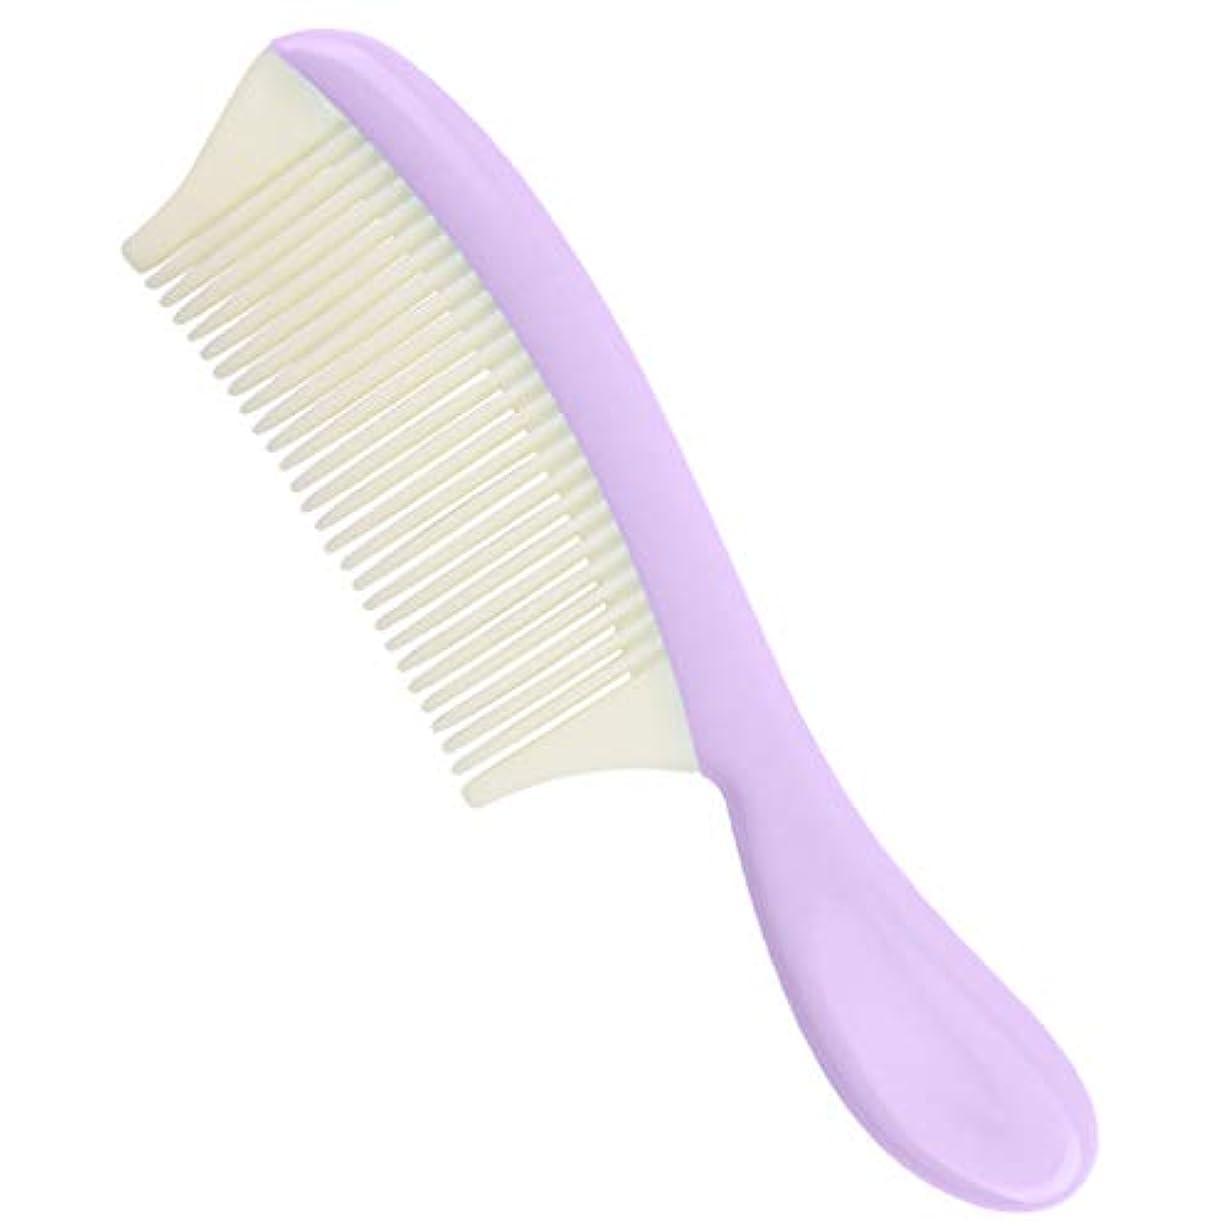 咲くキウイ適応プラスチック ヘアコーム 取り外し可能 細かい歯 髪の櫛 全4色 - 紫